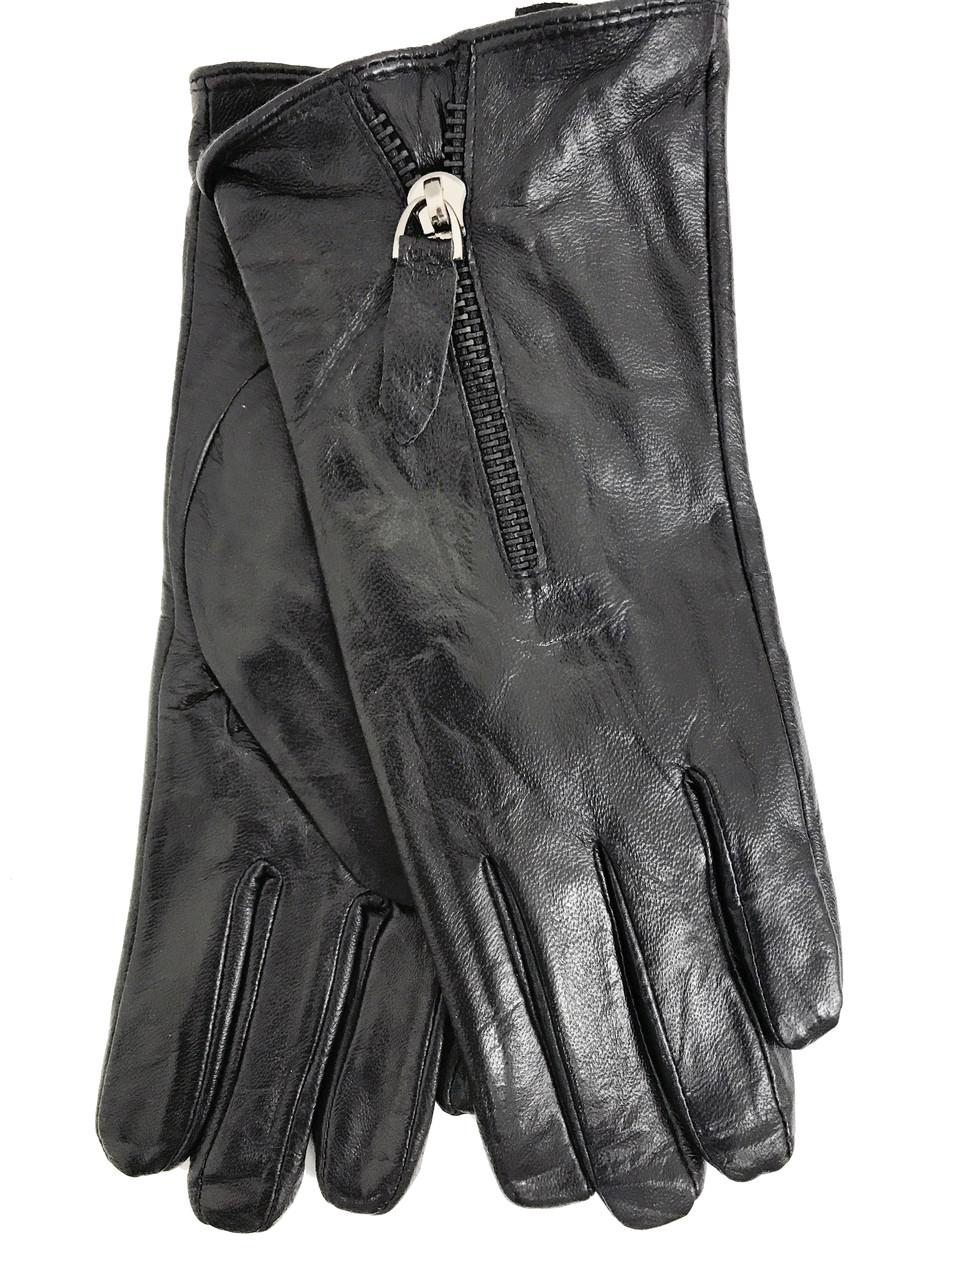 Женские кожаные перчатки Felix Маленькие 2-360s1